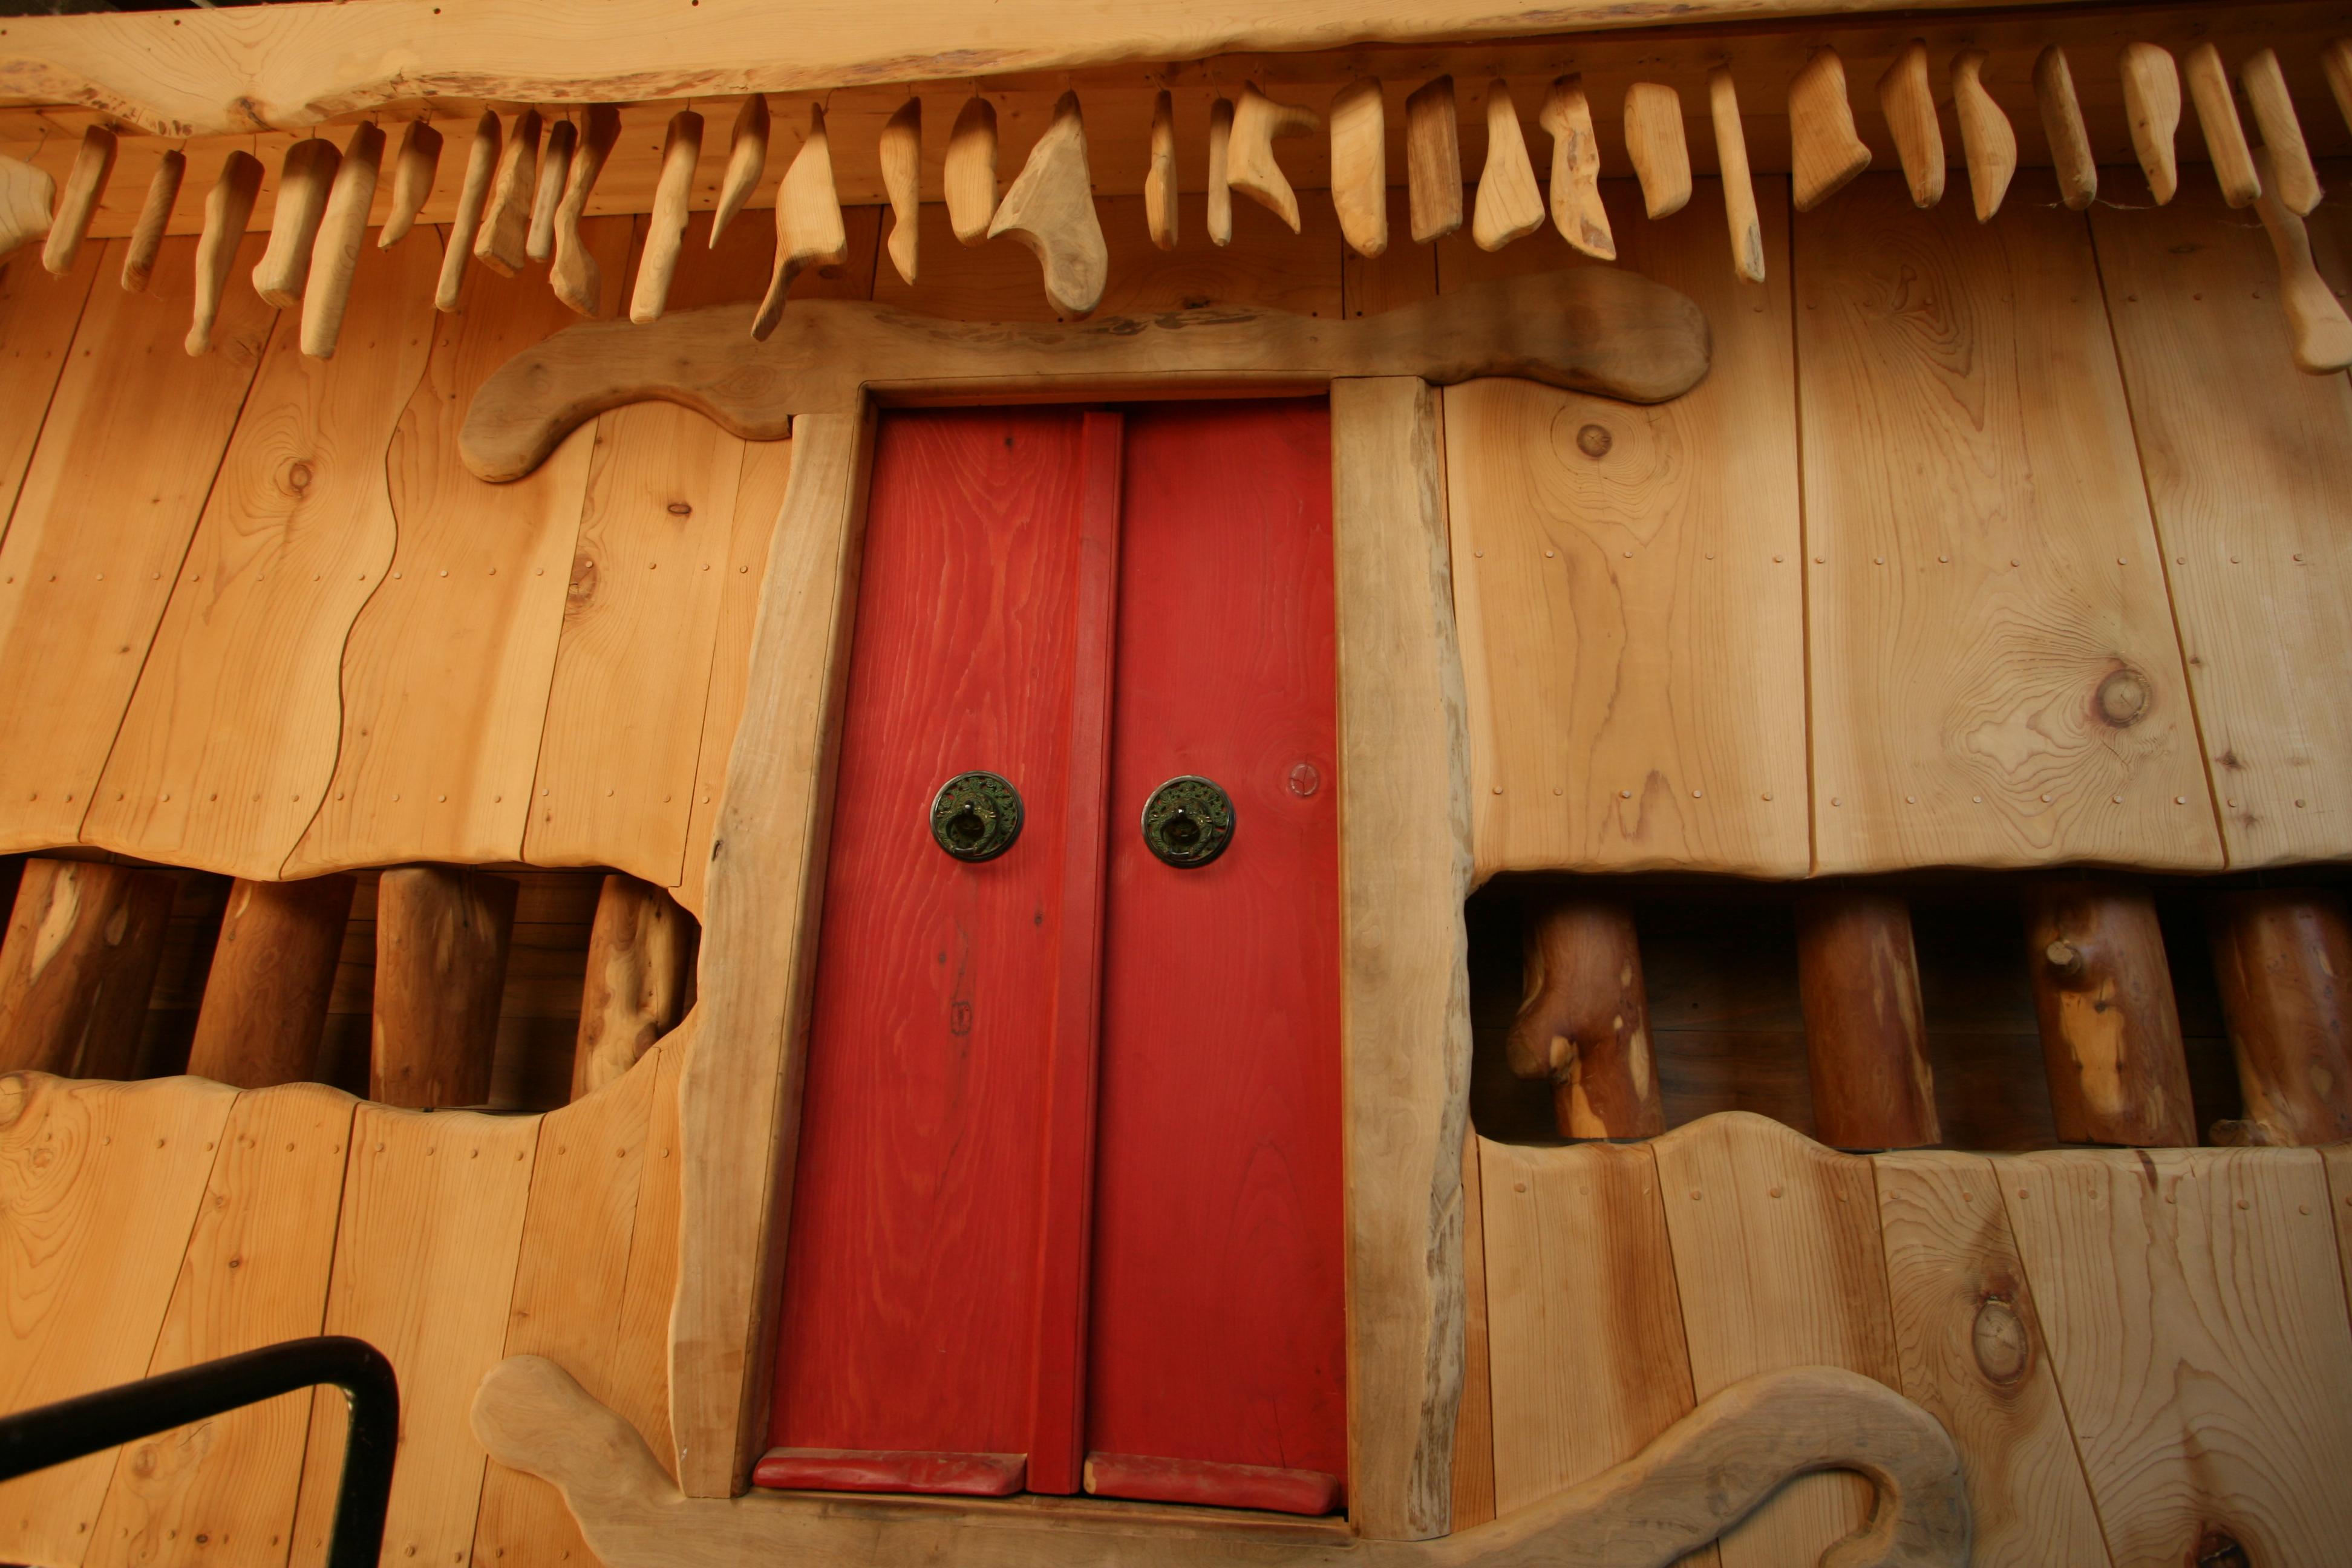 fabricant de roulottes en bois